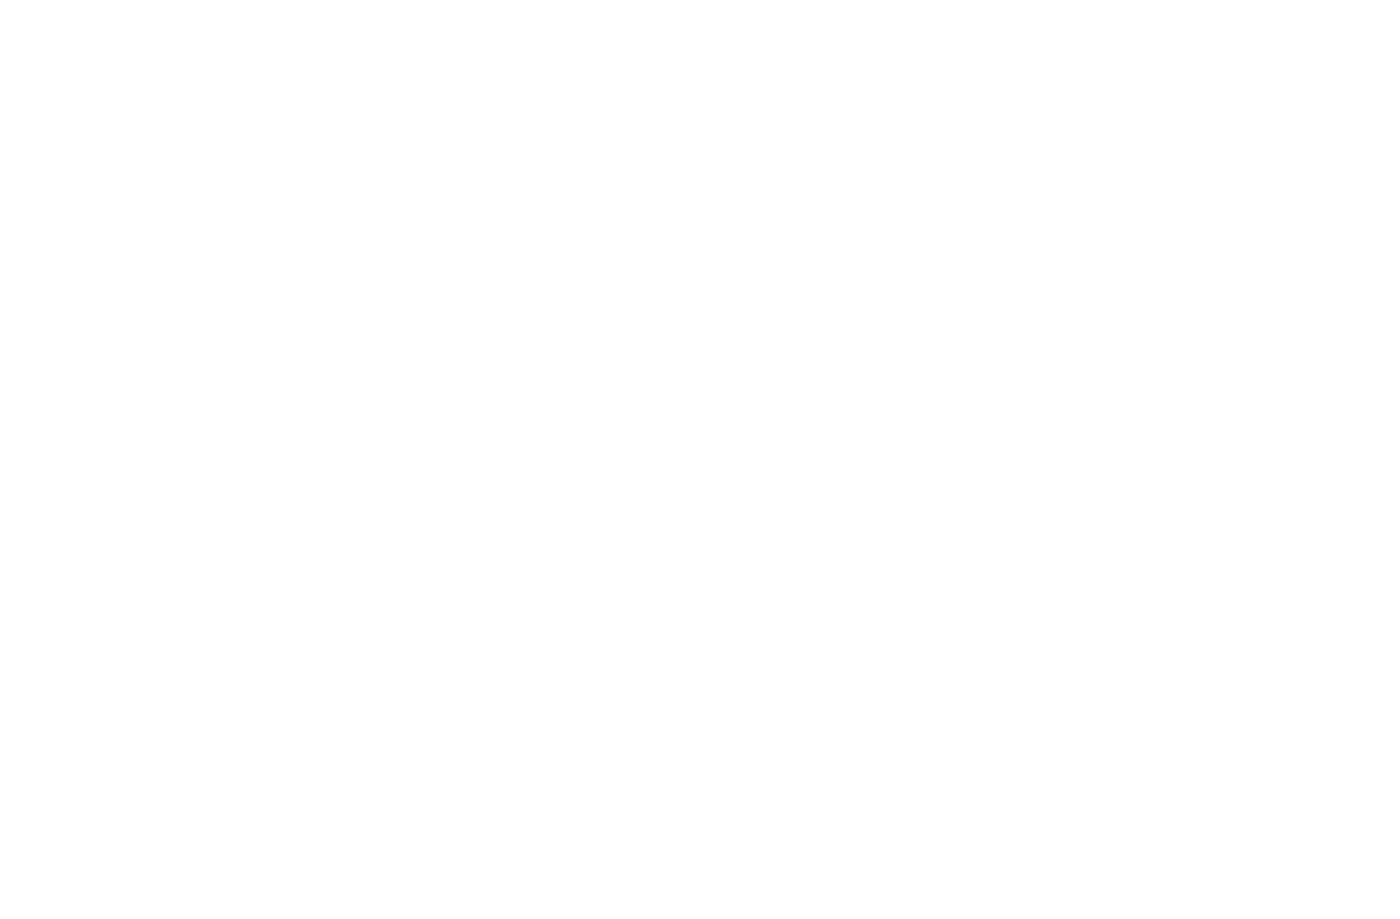 ESPRIT PETITE